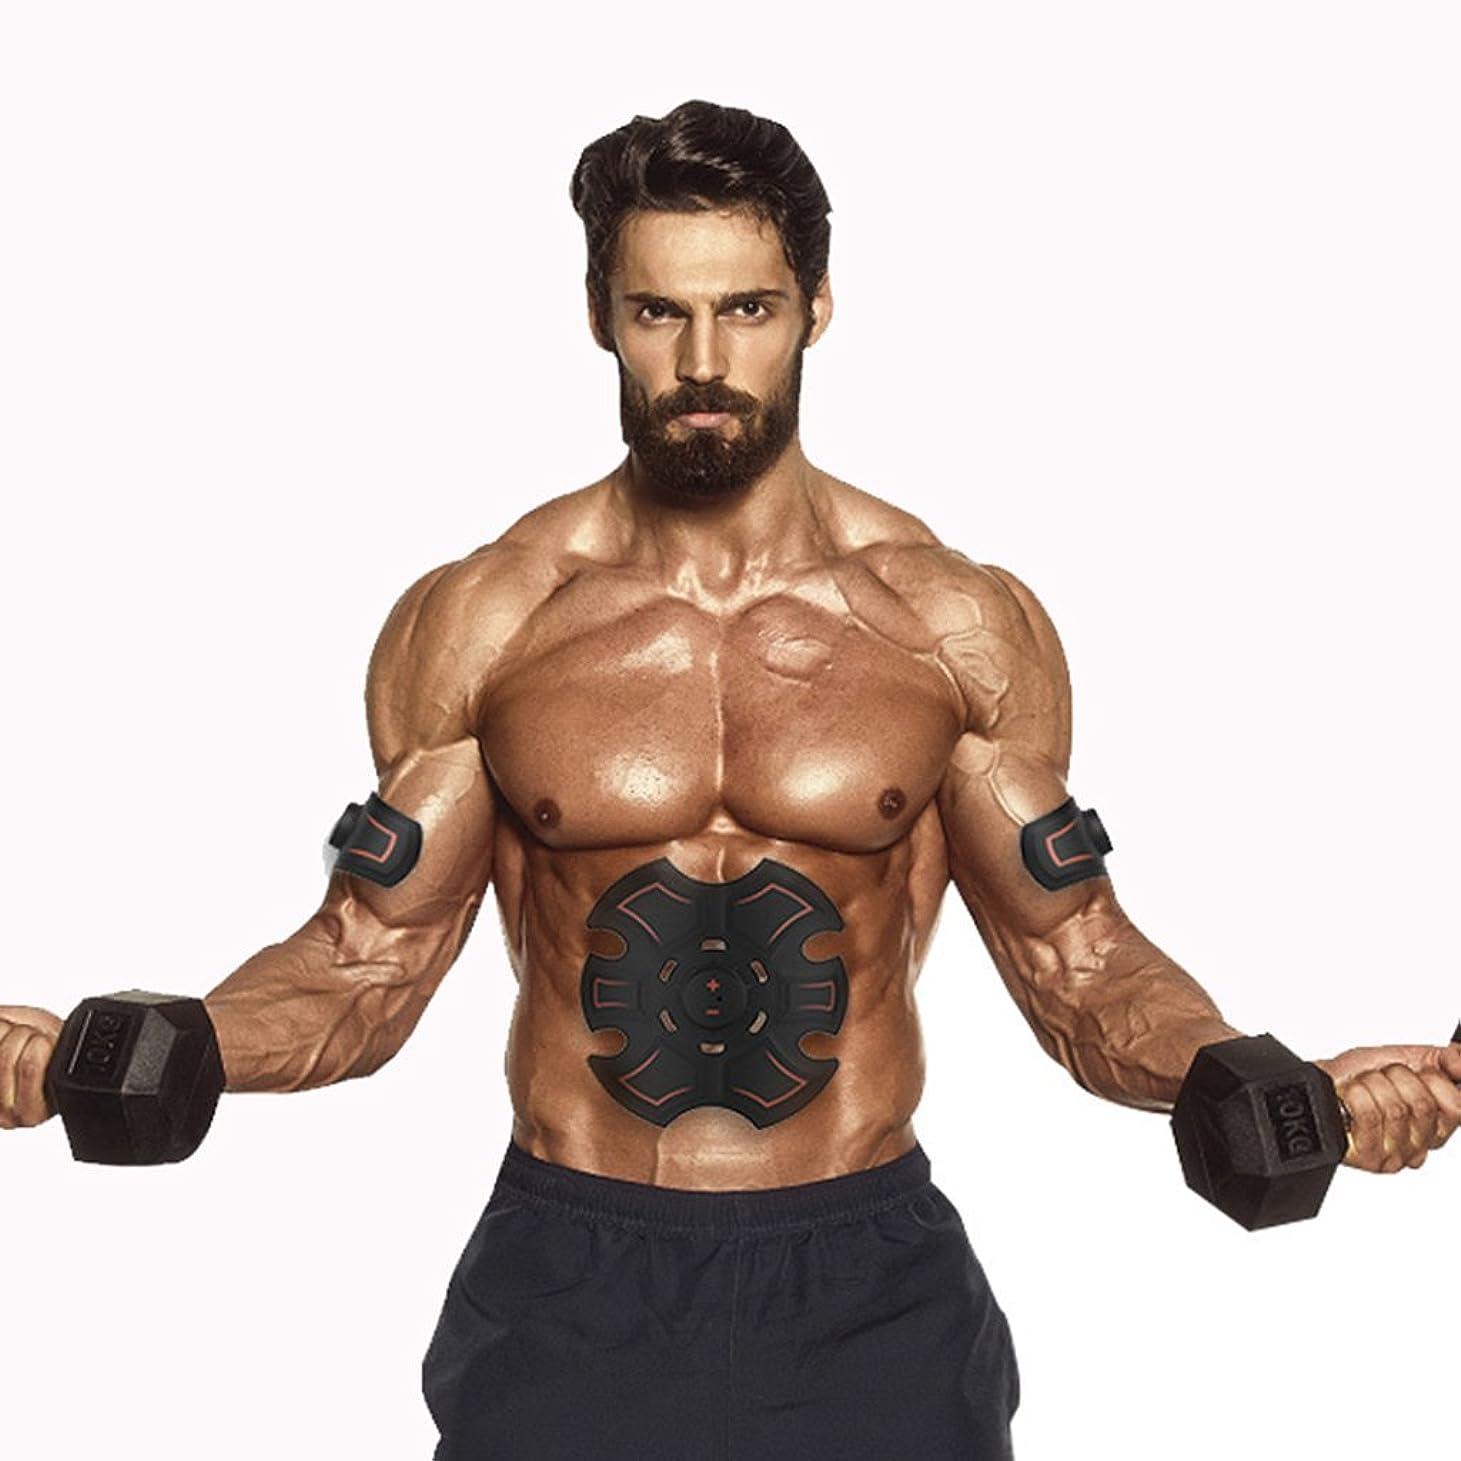 確執会話もちろんGBR- 腹部の筋肉Toner?2018腹部の筋肉EMSスマート腹部の腹部の人工物のマッサージャーミニ腹部のステッカー(黒+赤)